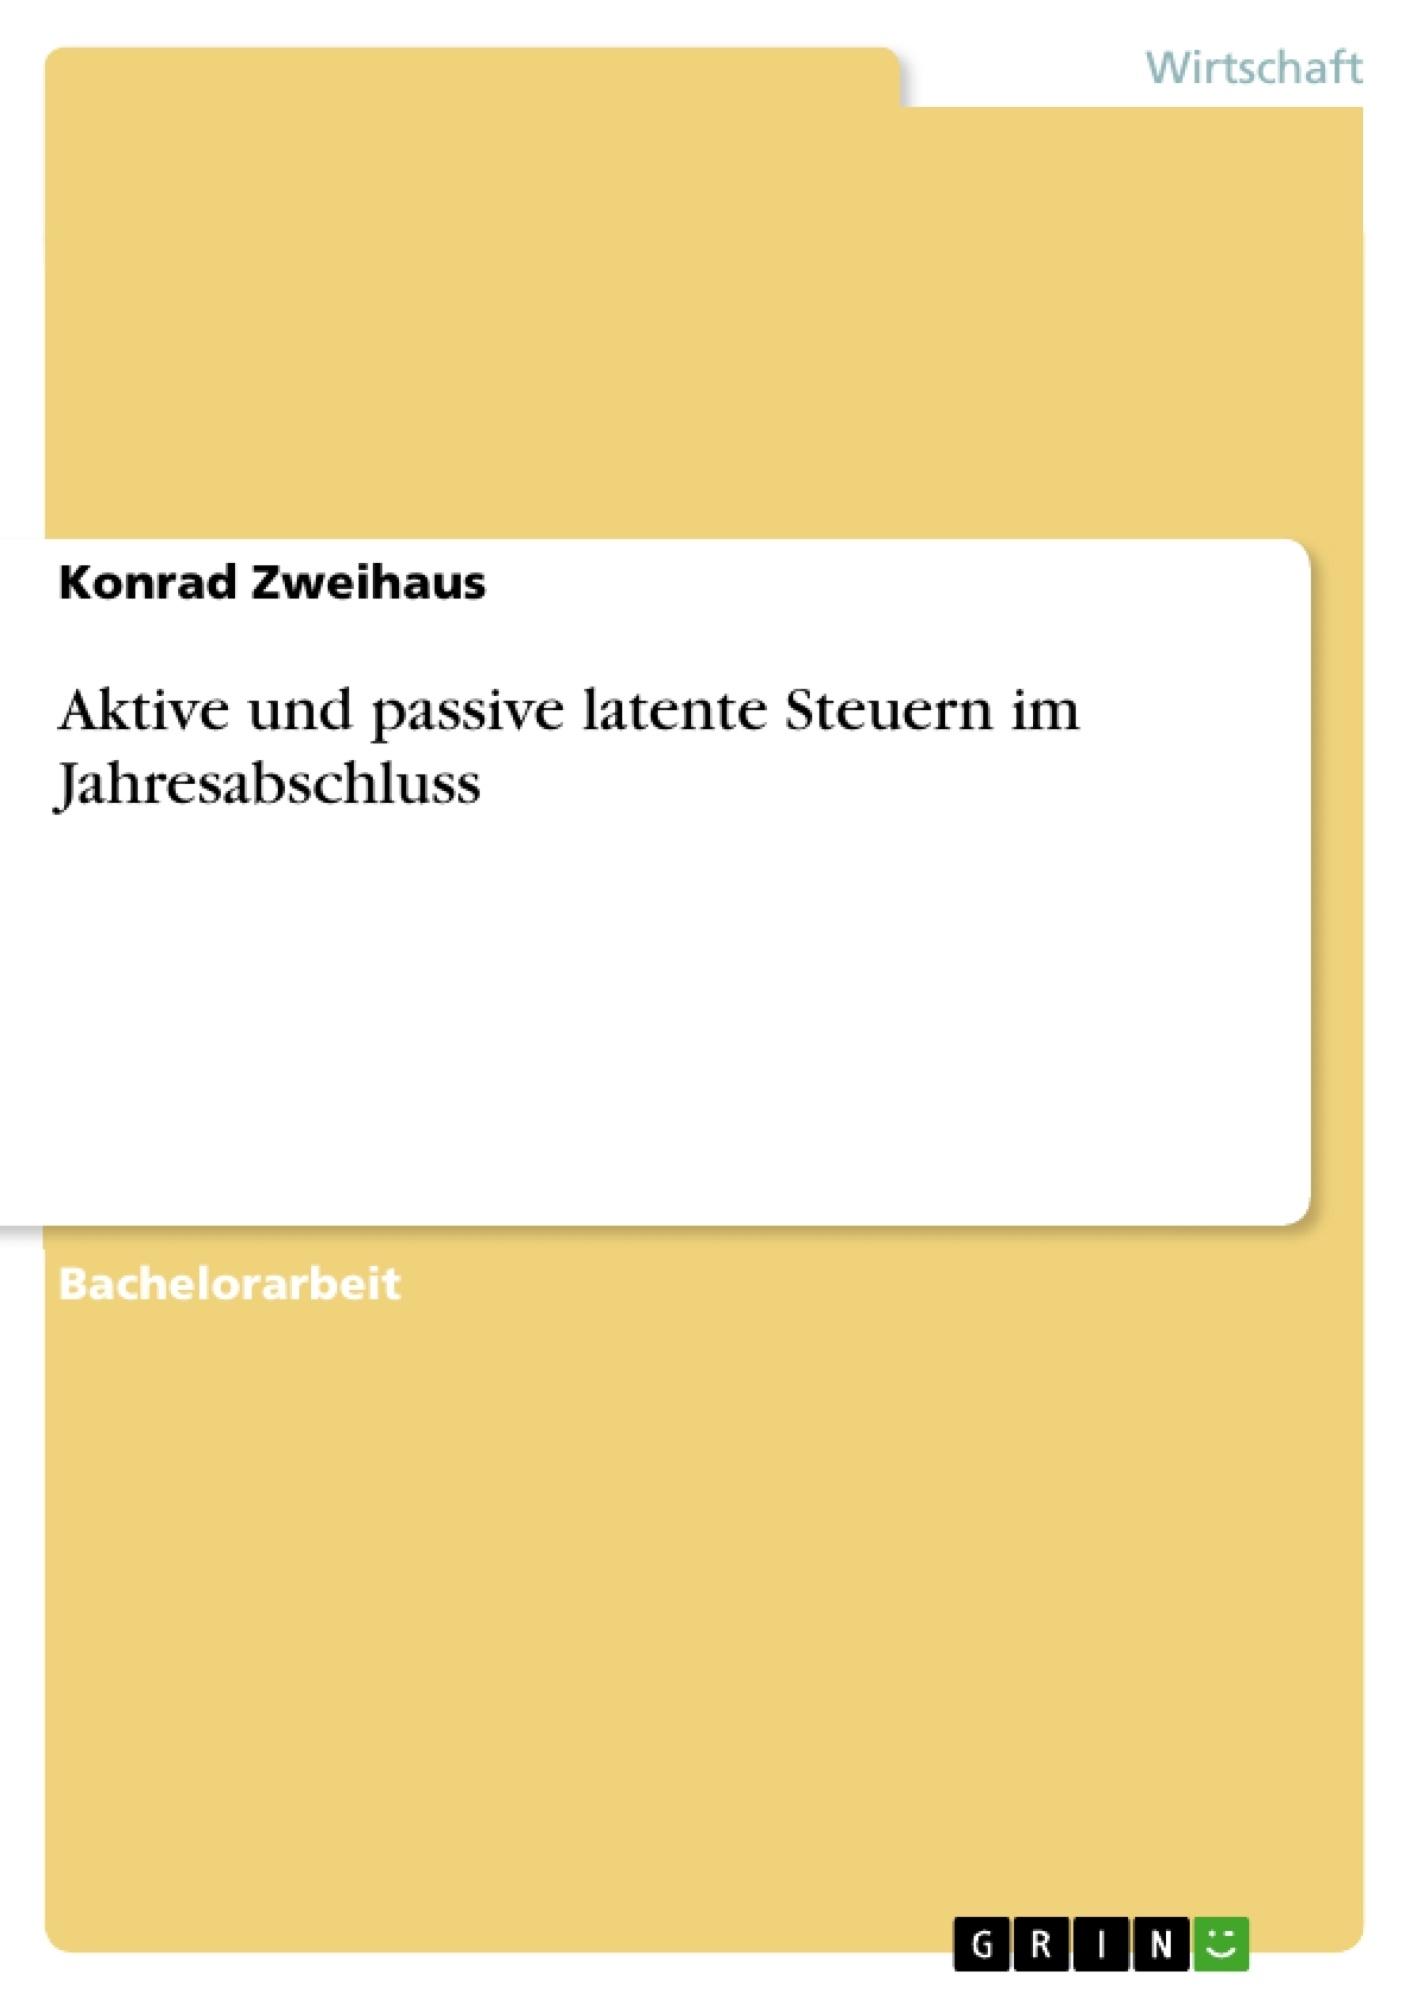 Titel: Aktive und passive latente Steuern im Jahresabschluss